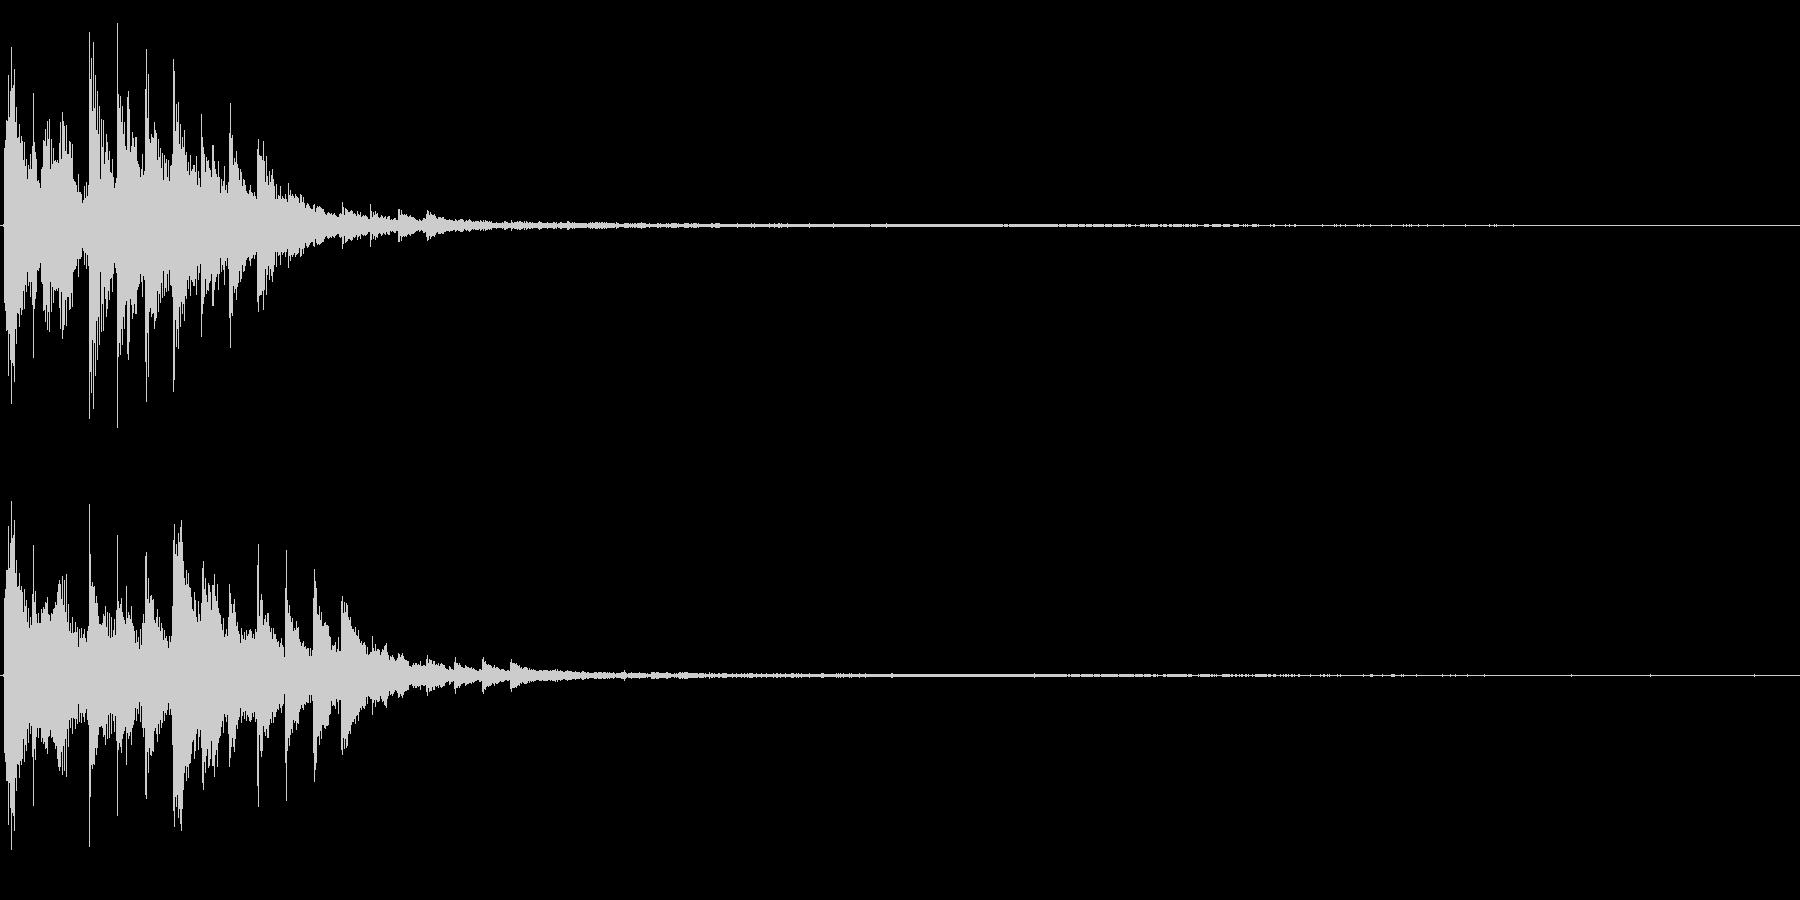 パネルオープン 情報公開 アイテムゲットの未再生の波形